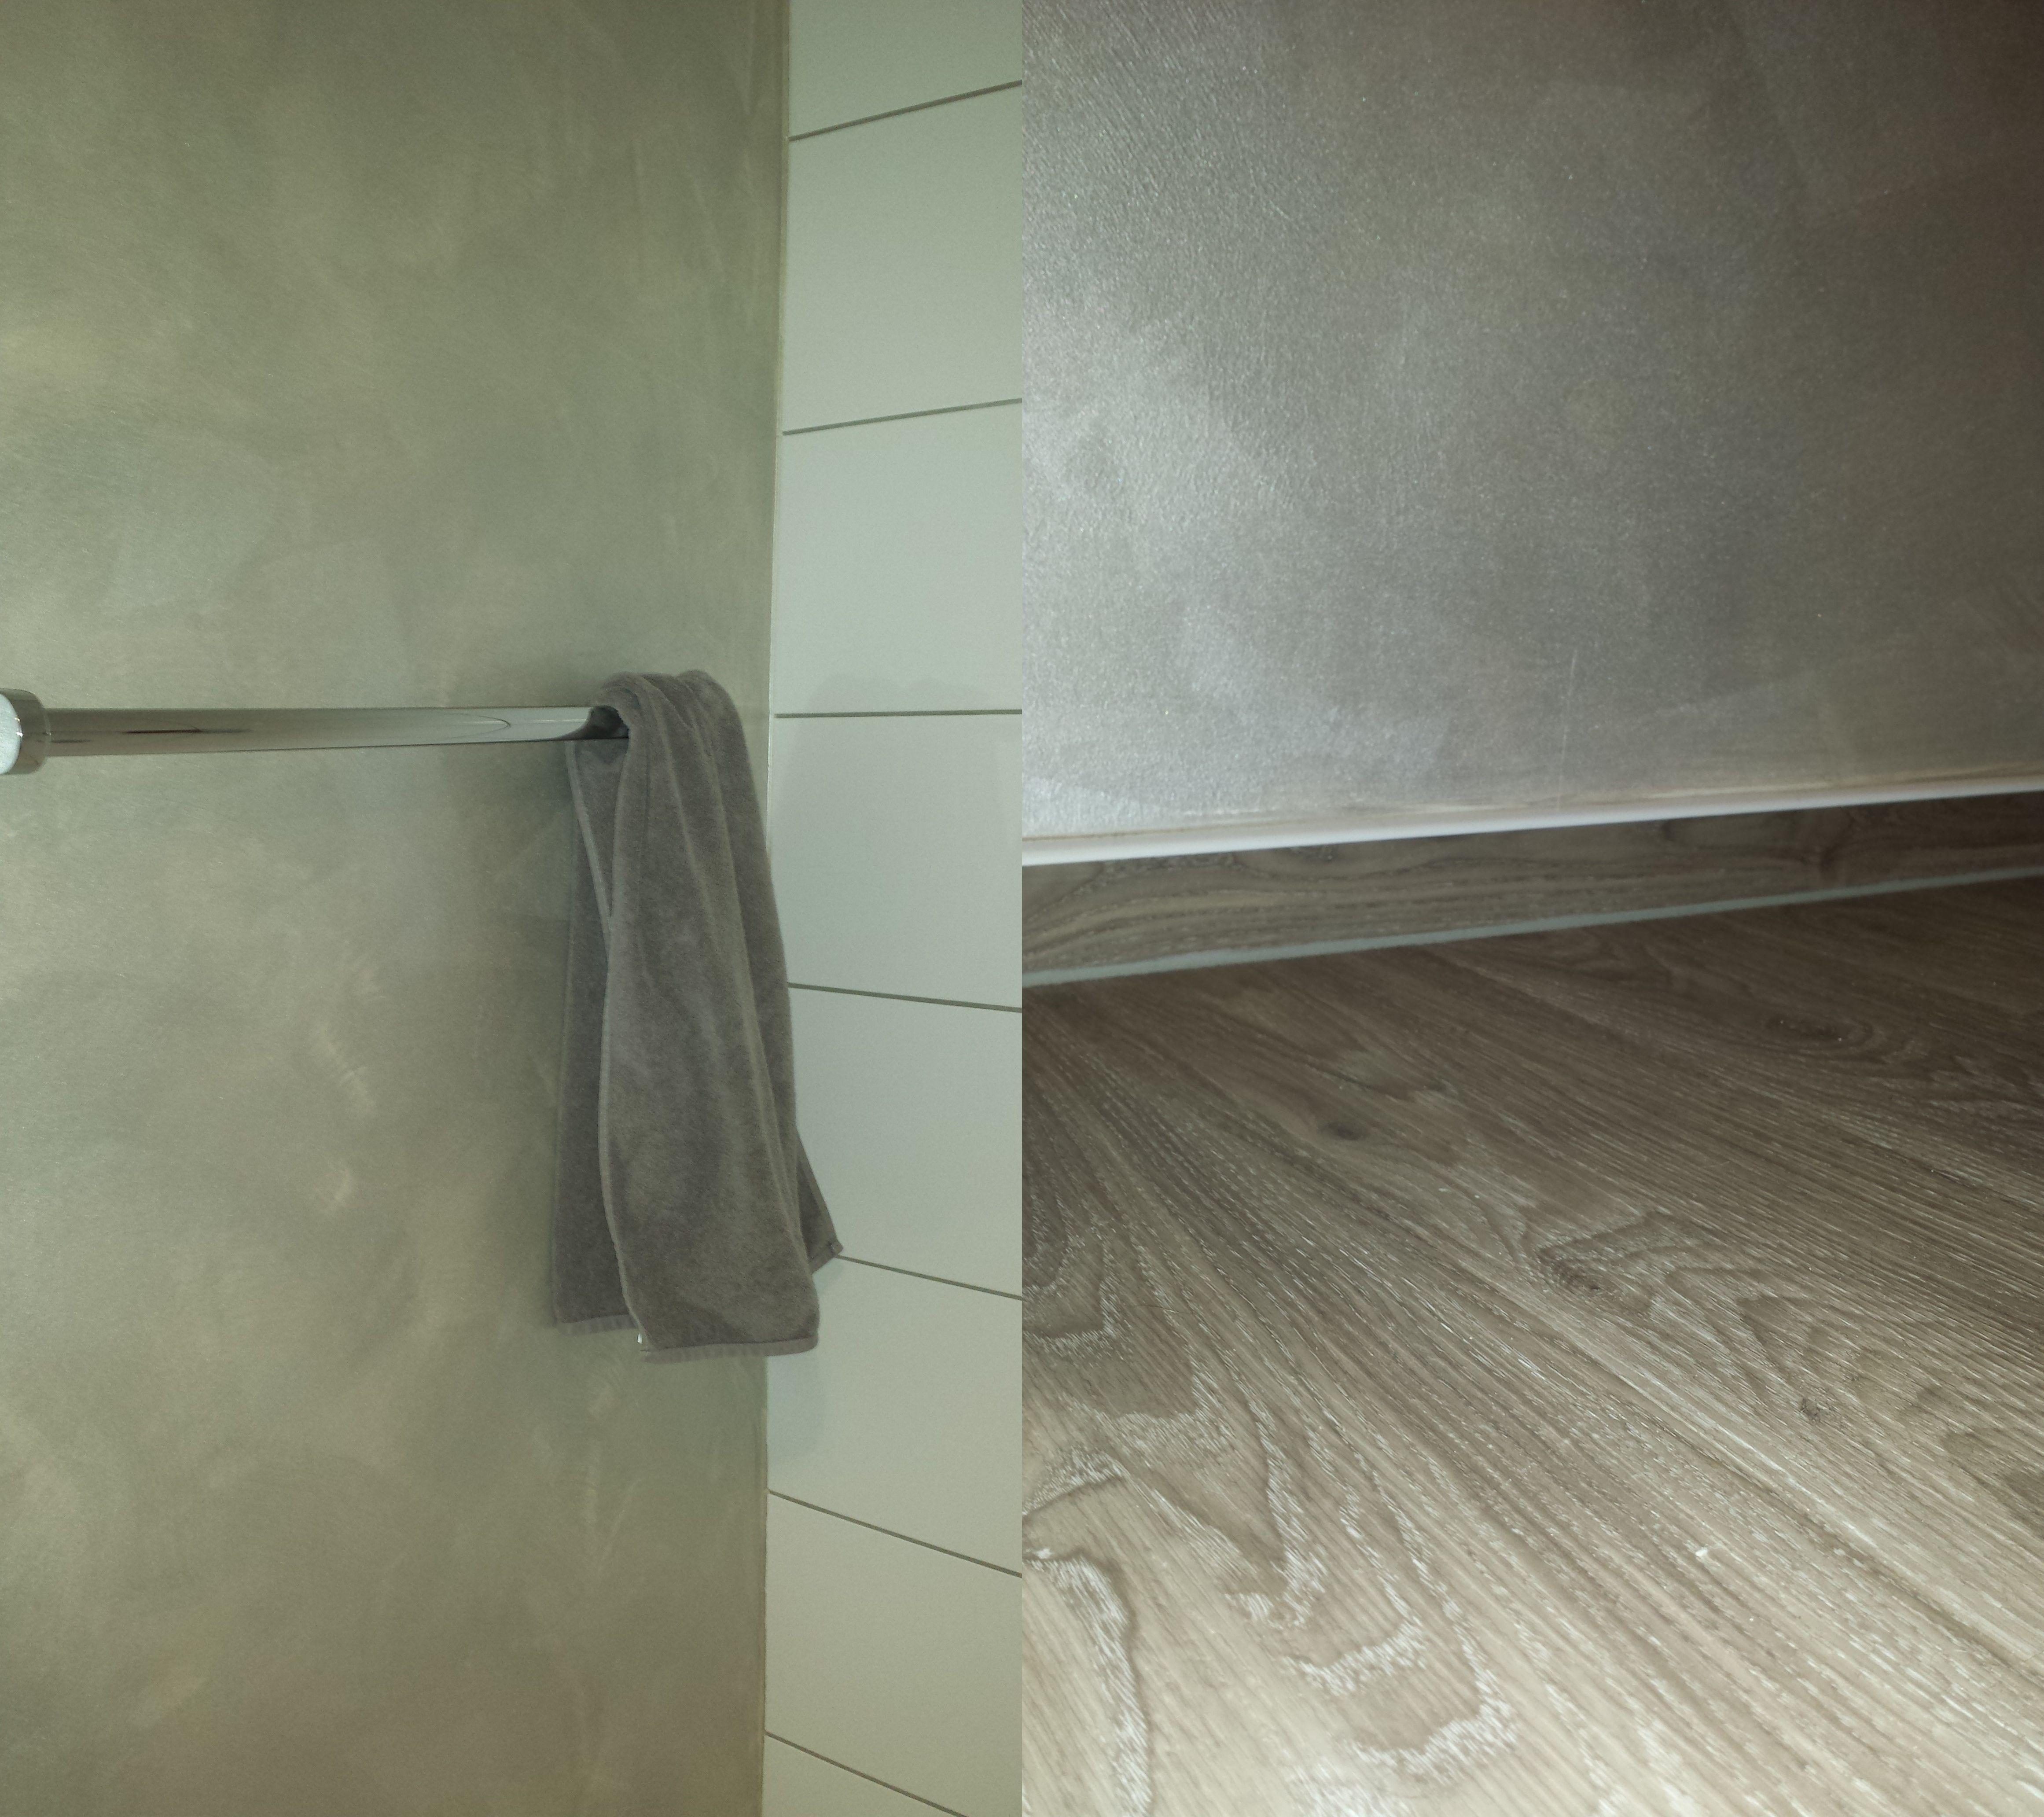 Badgestaltung Mit Gioia Effektfarbe Mit Perlmutt In Aktuellem Taupe Kombiniert Mit Einem Pflegeleichten Designbelag Tapete Grau Designbelag Badgestaltung